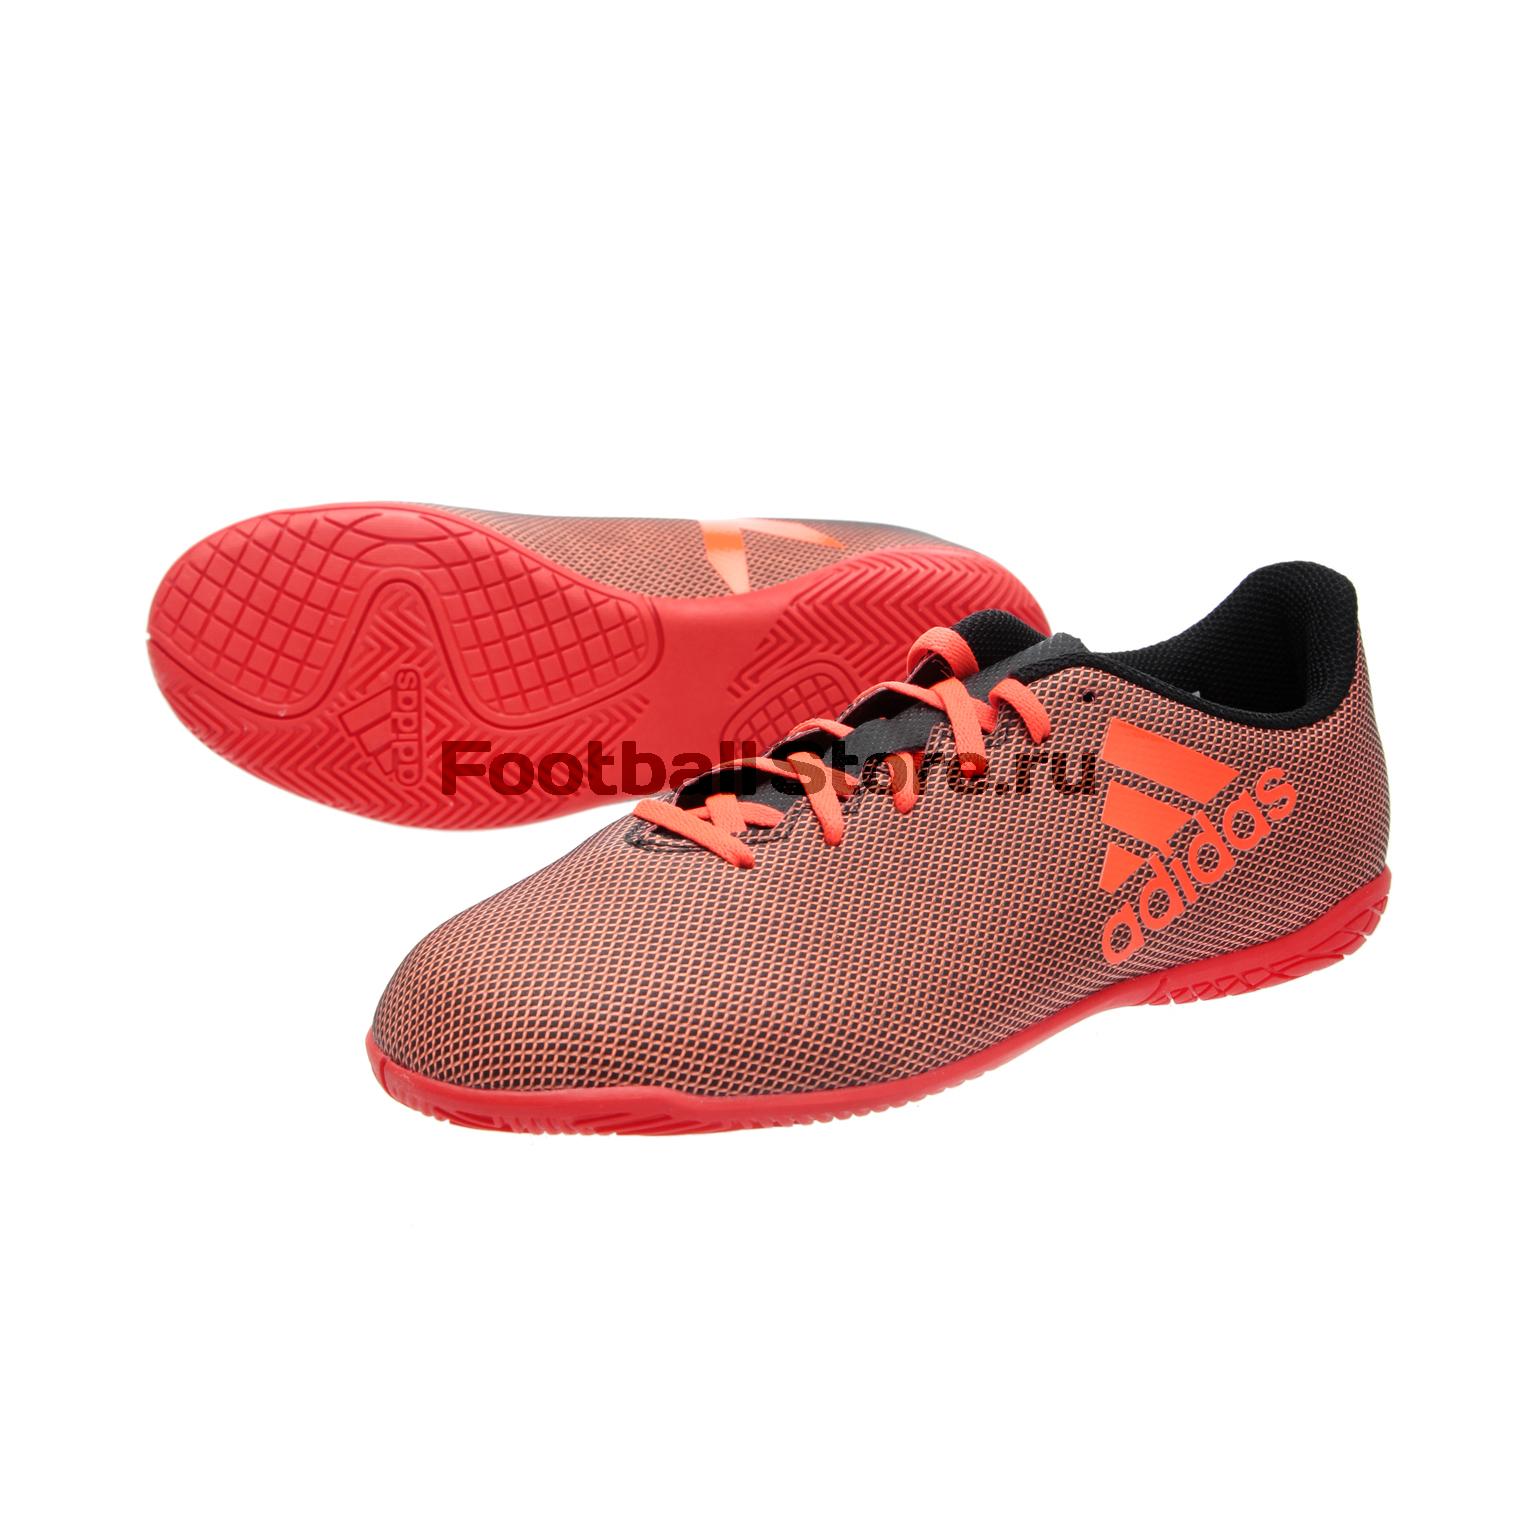 Фото Обувь для зала Adidas X 17.4 IN JR S82409